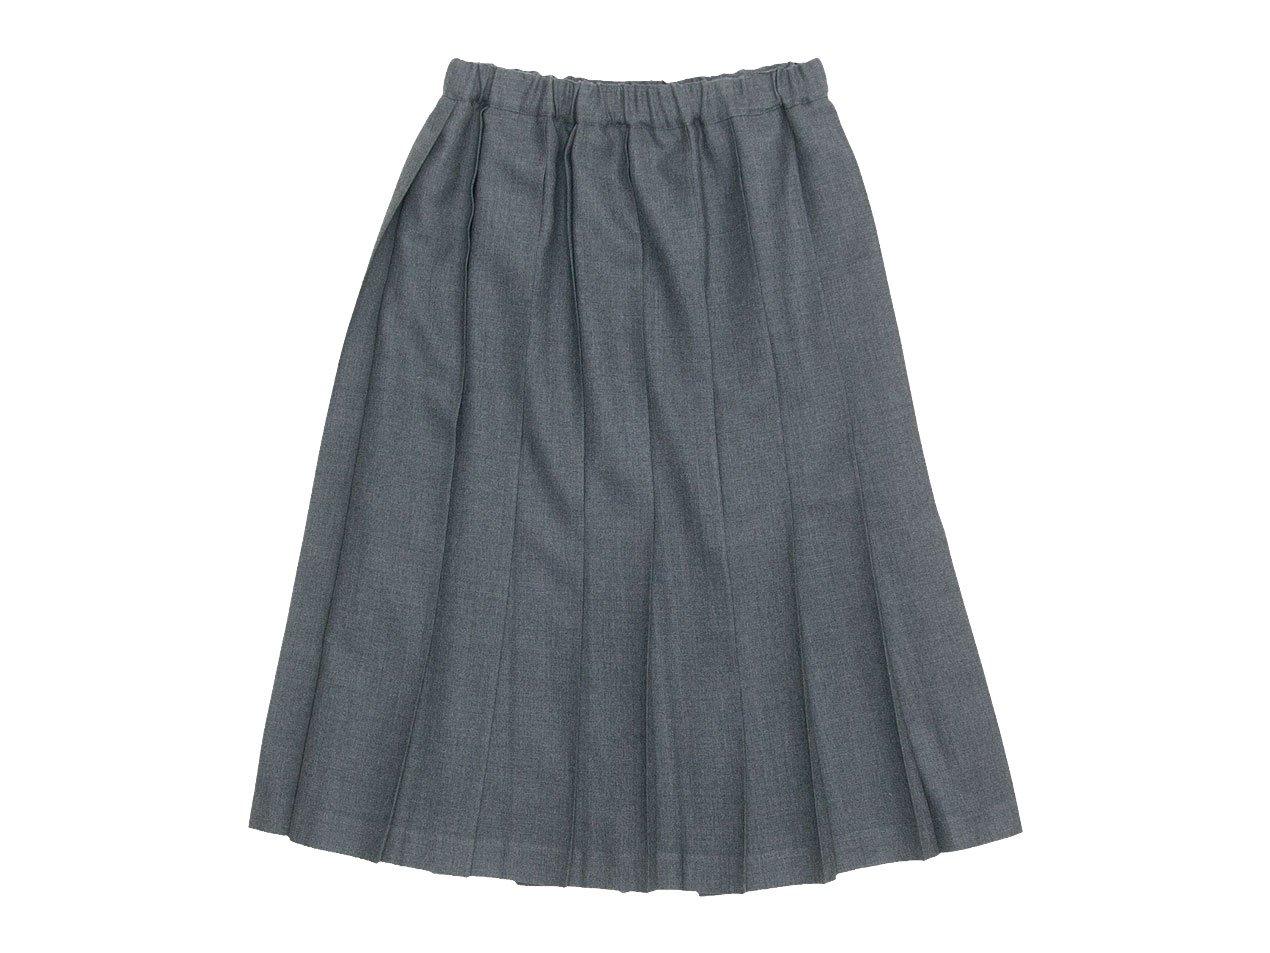 Charpentier de Vaisseau Belle プリーツスカート Wool GRAY